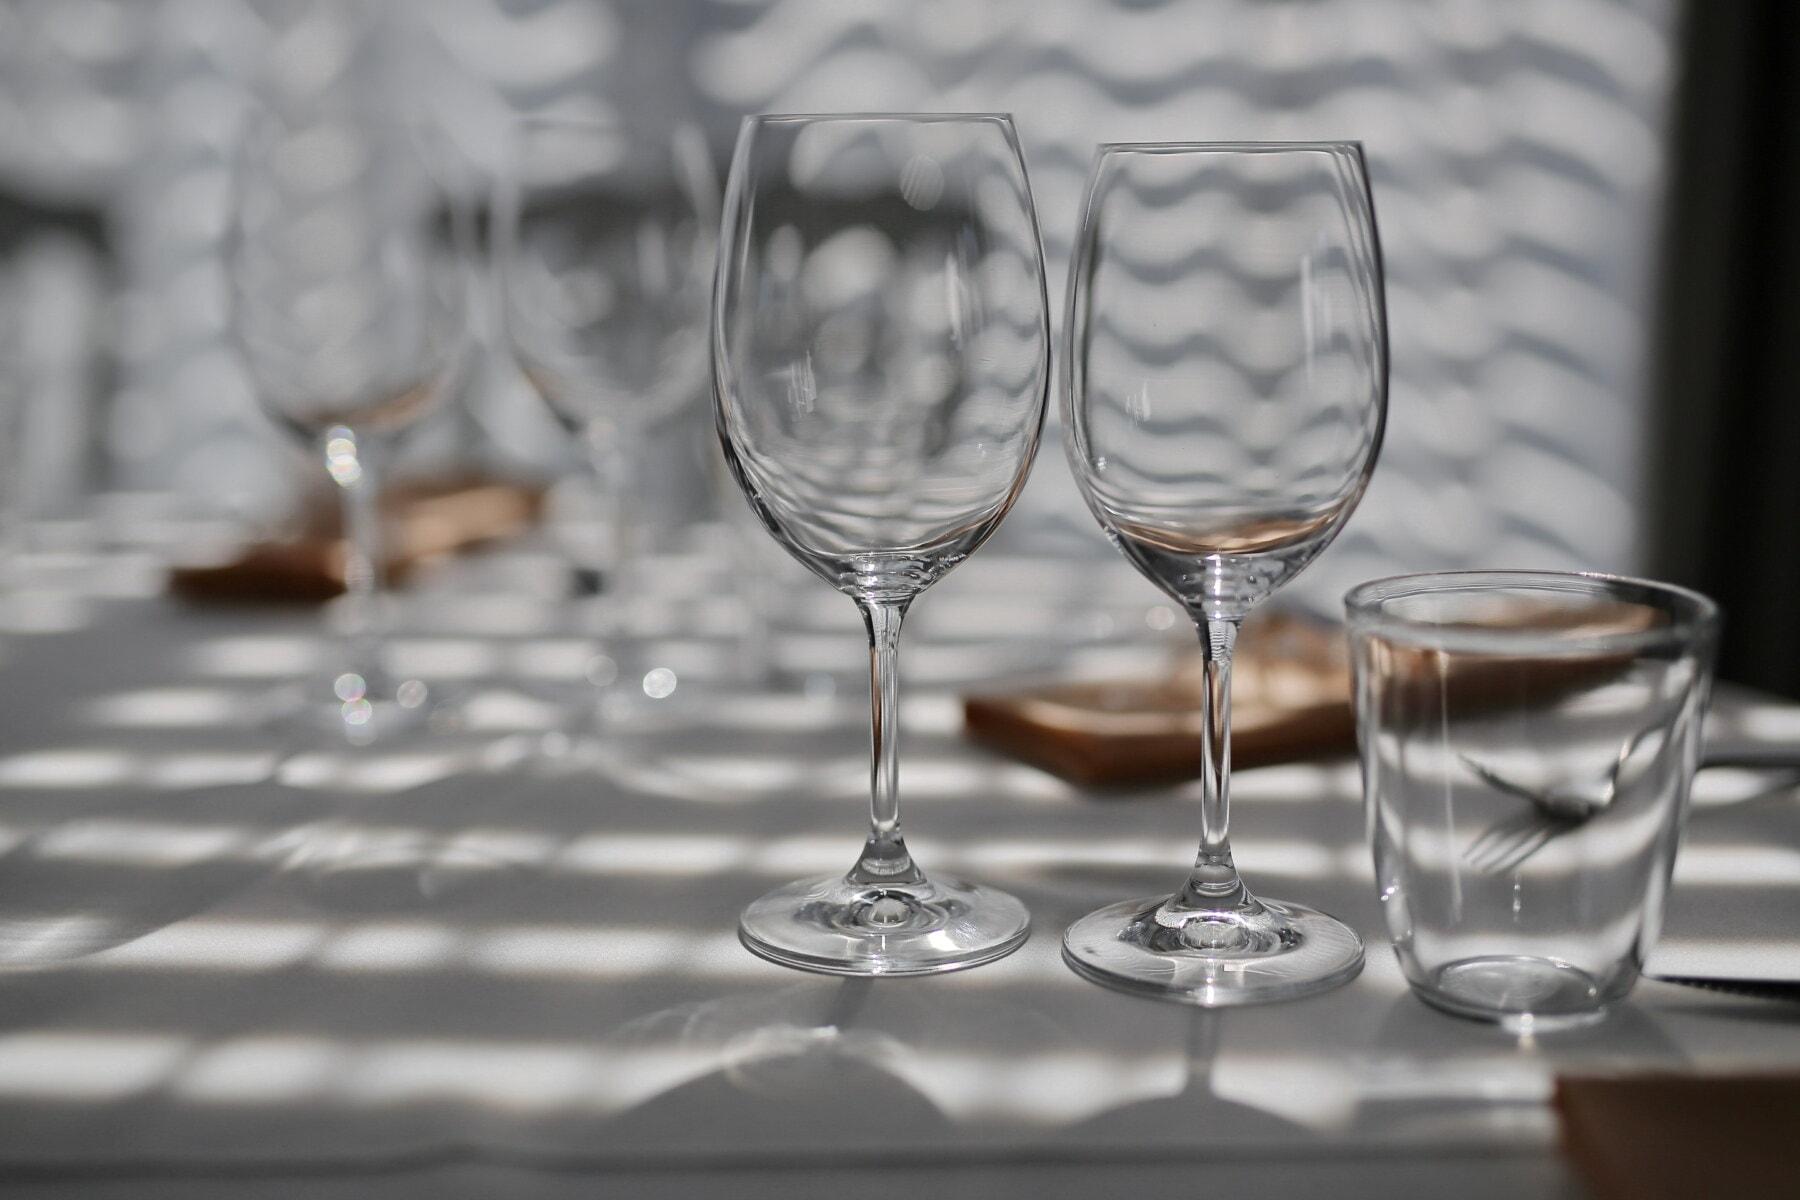 crystal, vide, verre, verrerie, nappe, table, vaisselle, ombre, lunettes, réflexion